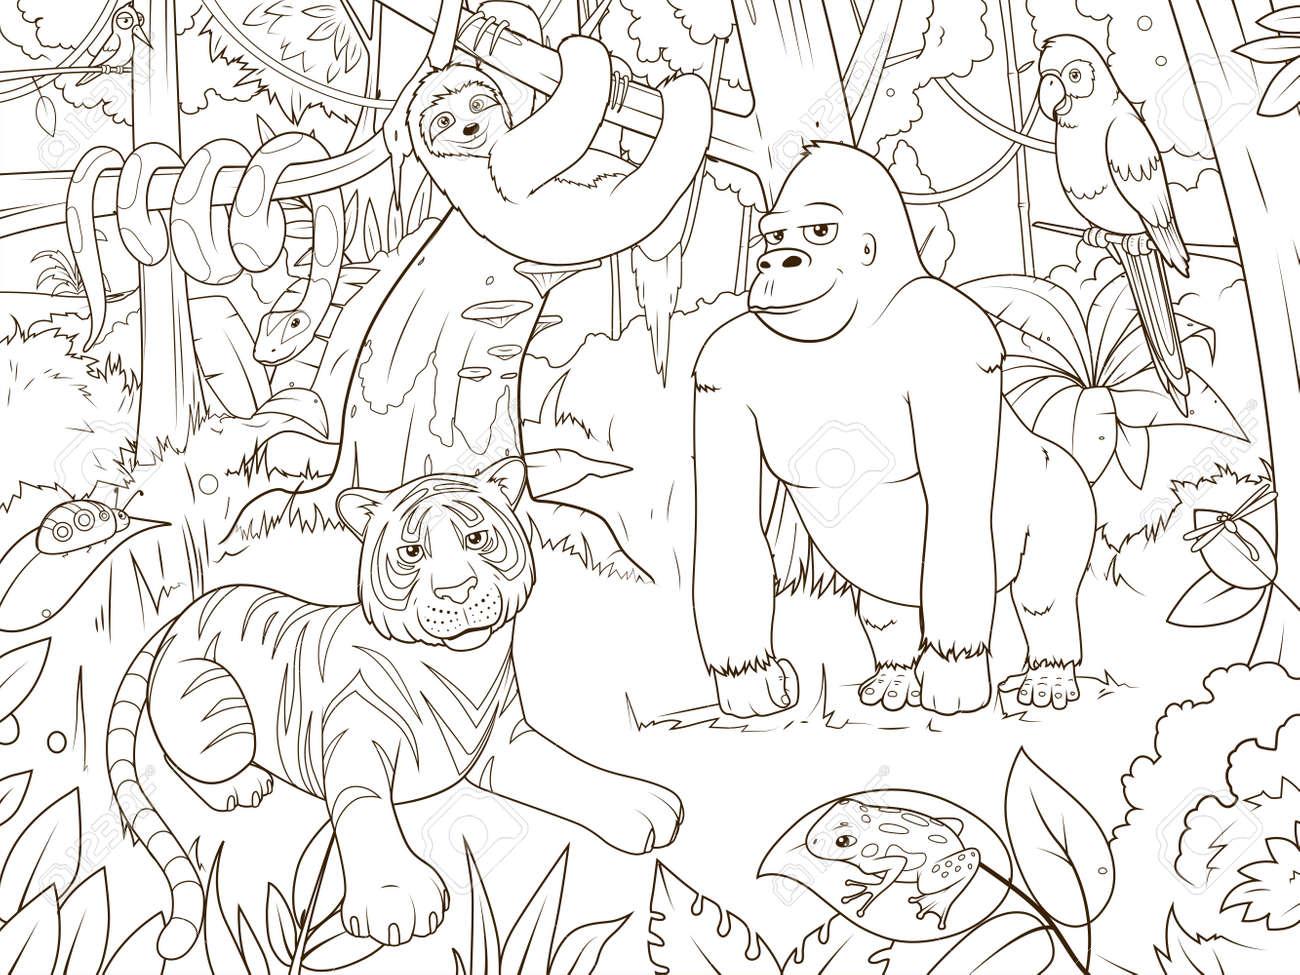 Animales De La Selva Para Colorear De Dibujos Animados Ilustracion